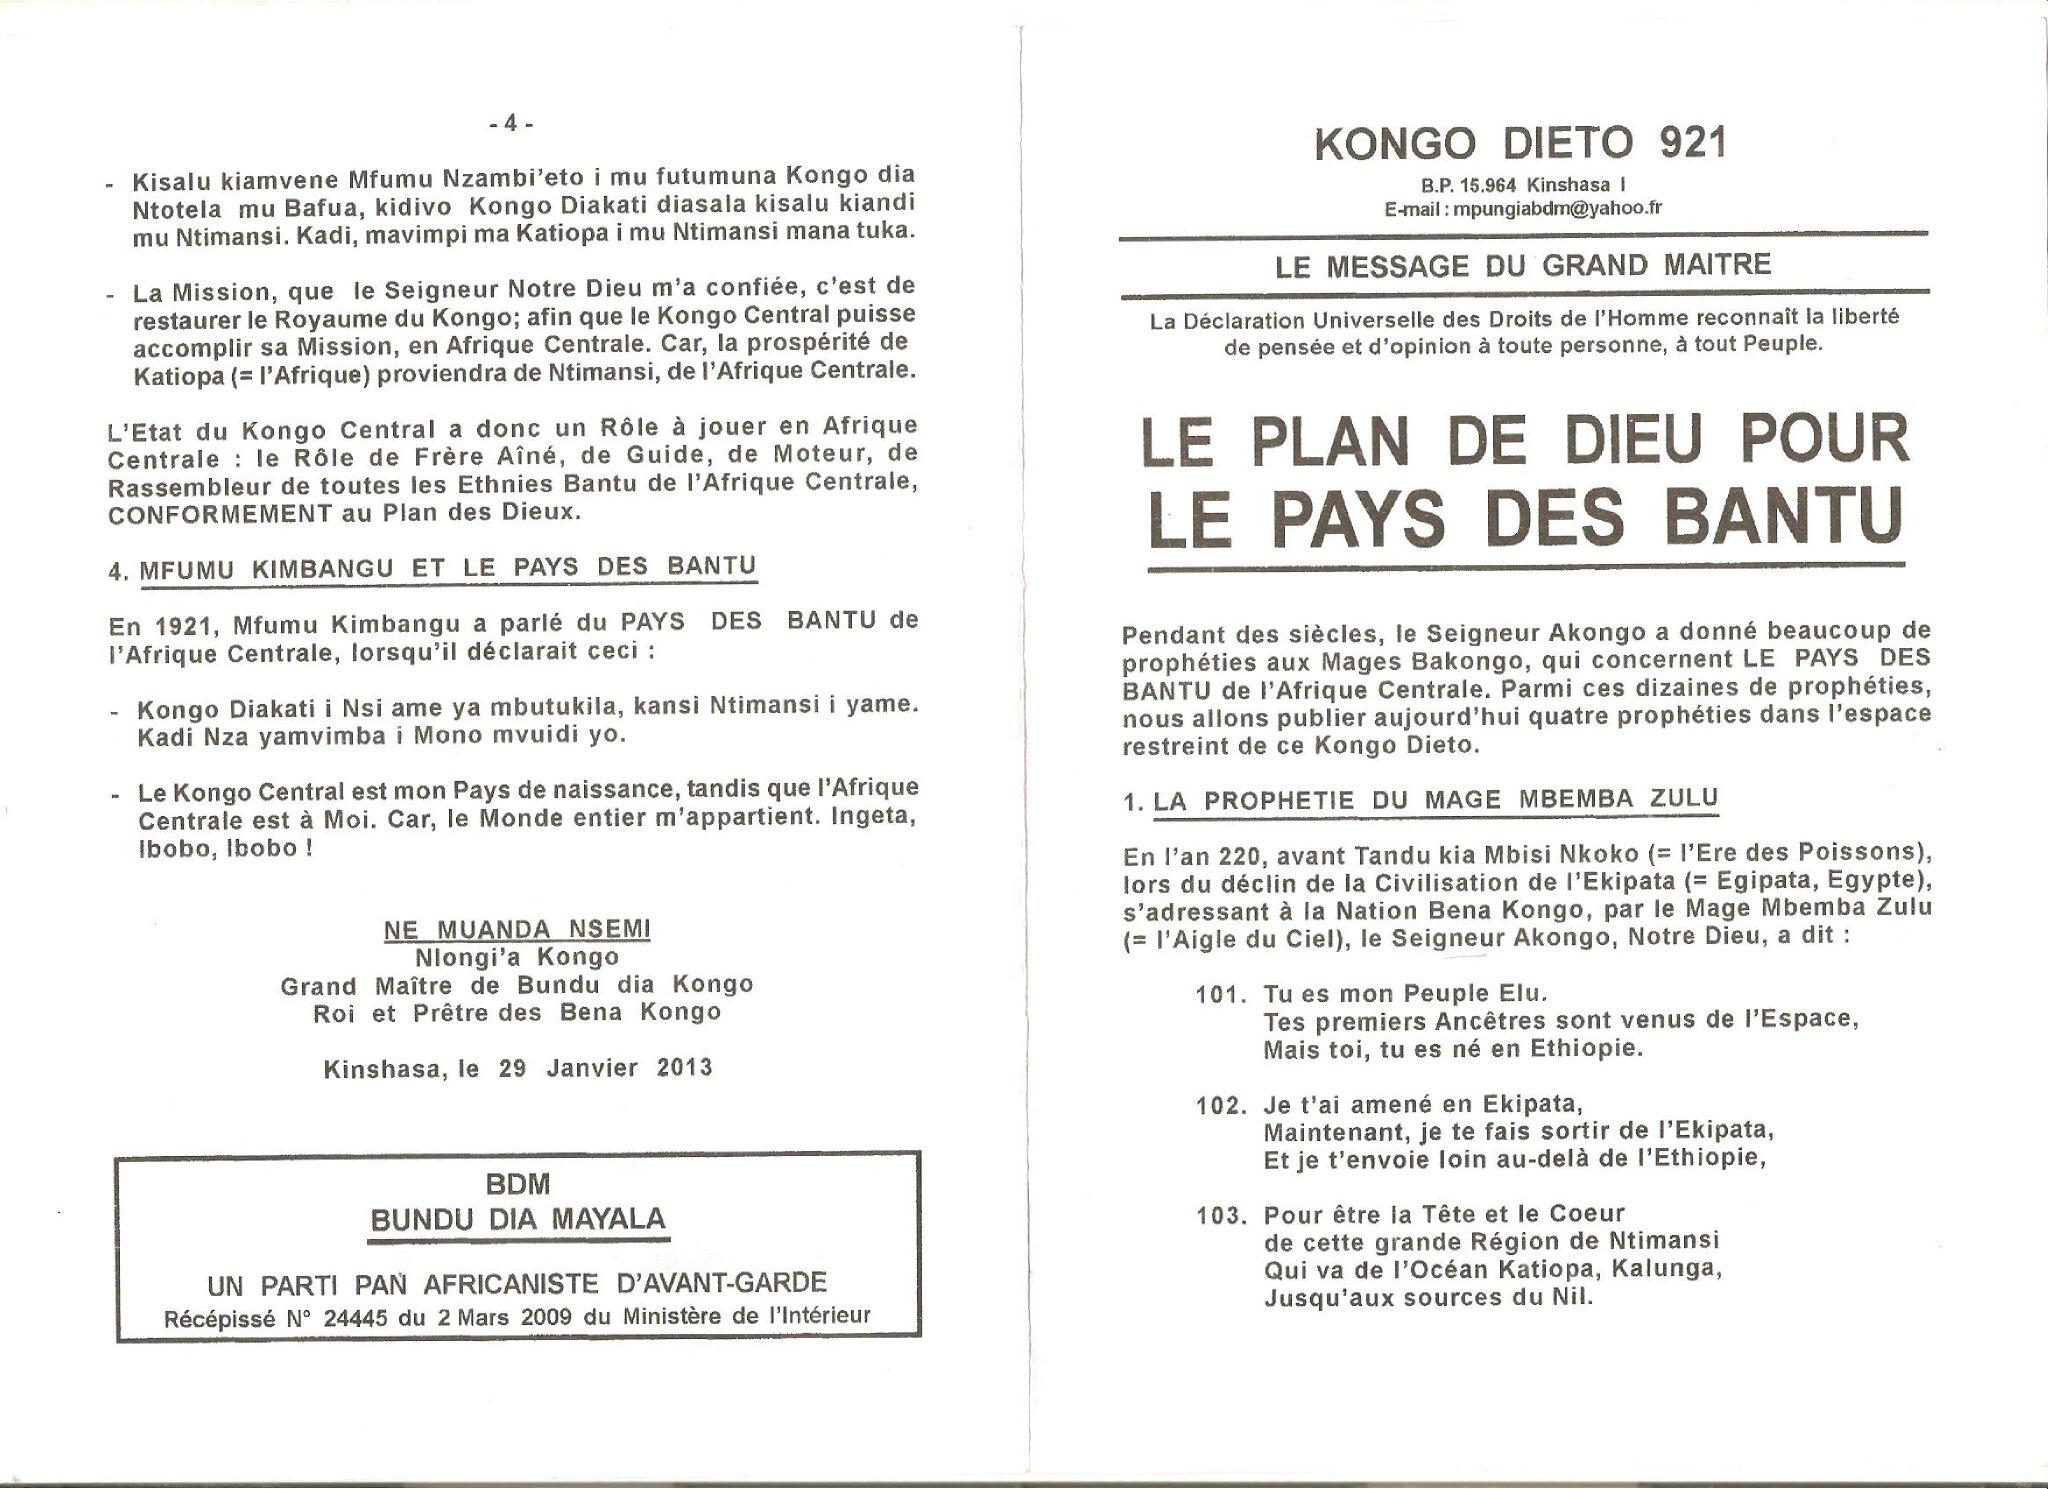 LE PLAN DE DIEU POUR LE PAYS DES BANTU 1